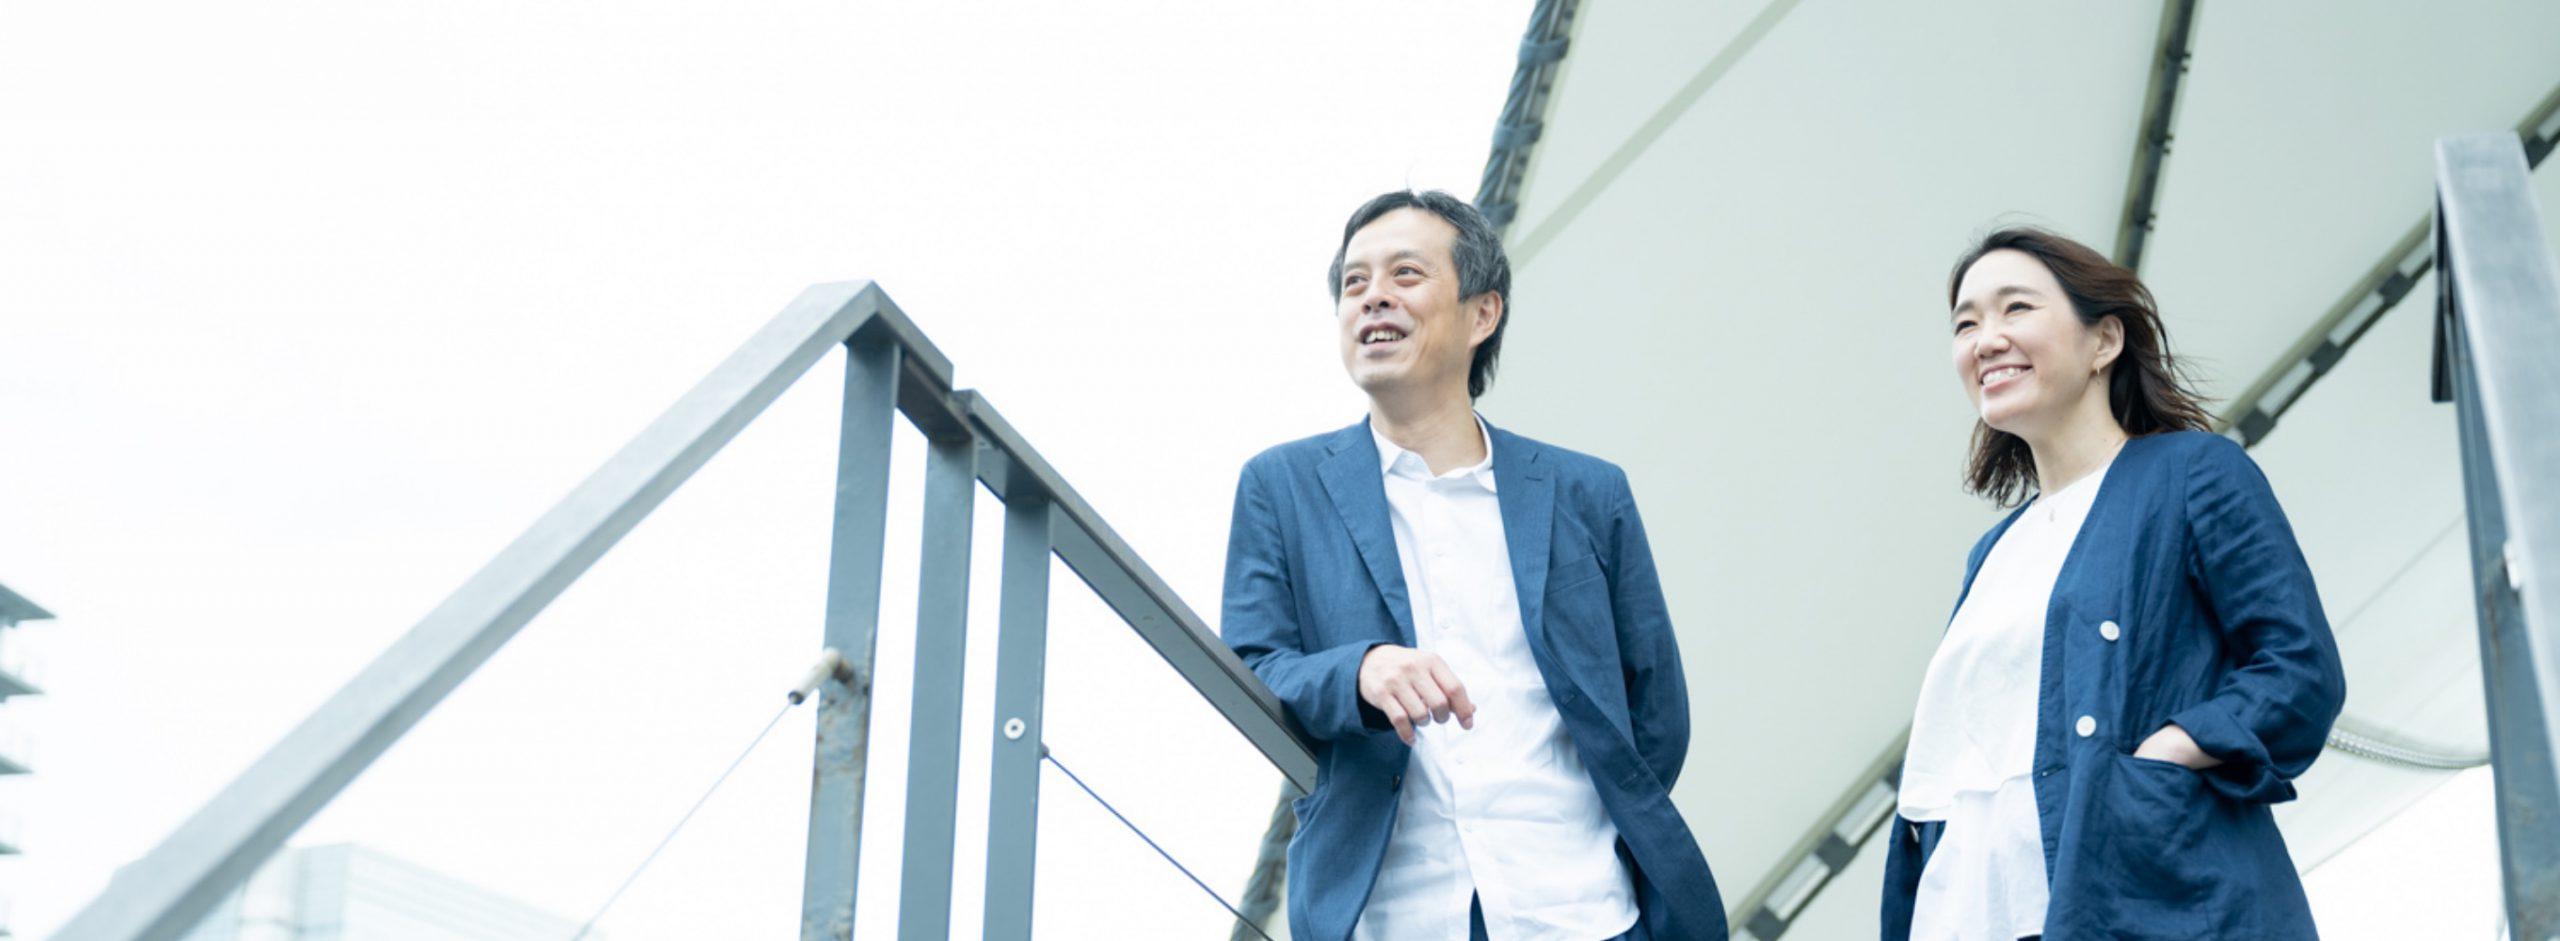 """寺田倉庫の企業文化や理念から紐解く、躍進を続ける""""強さ""""の秘密"""